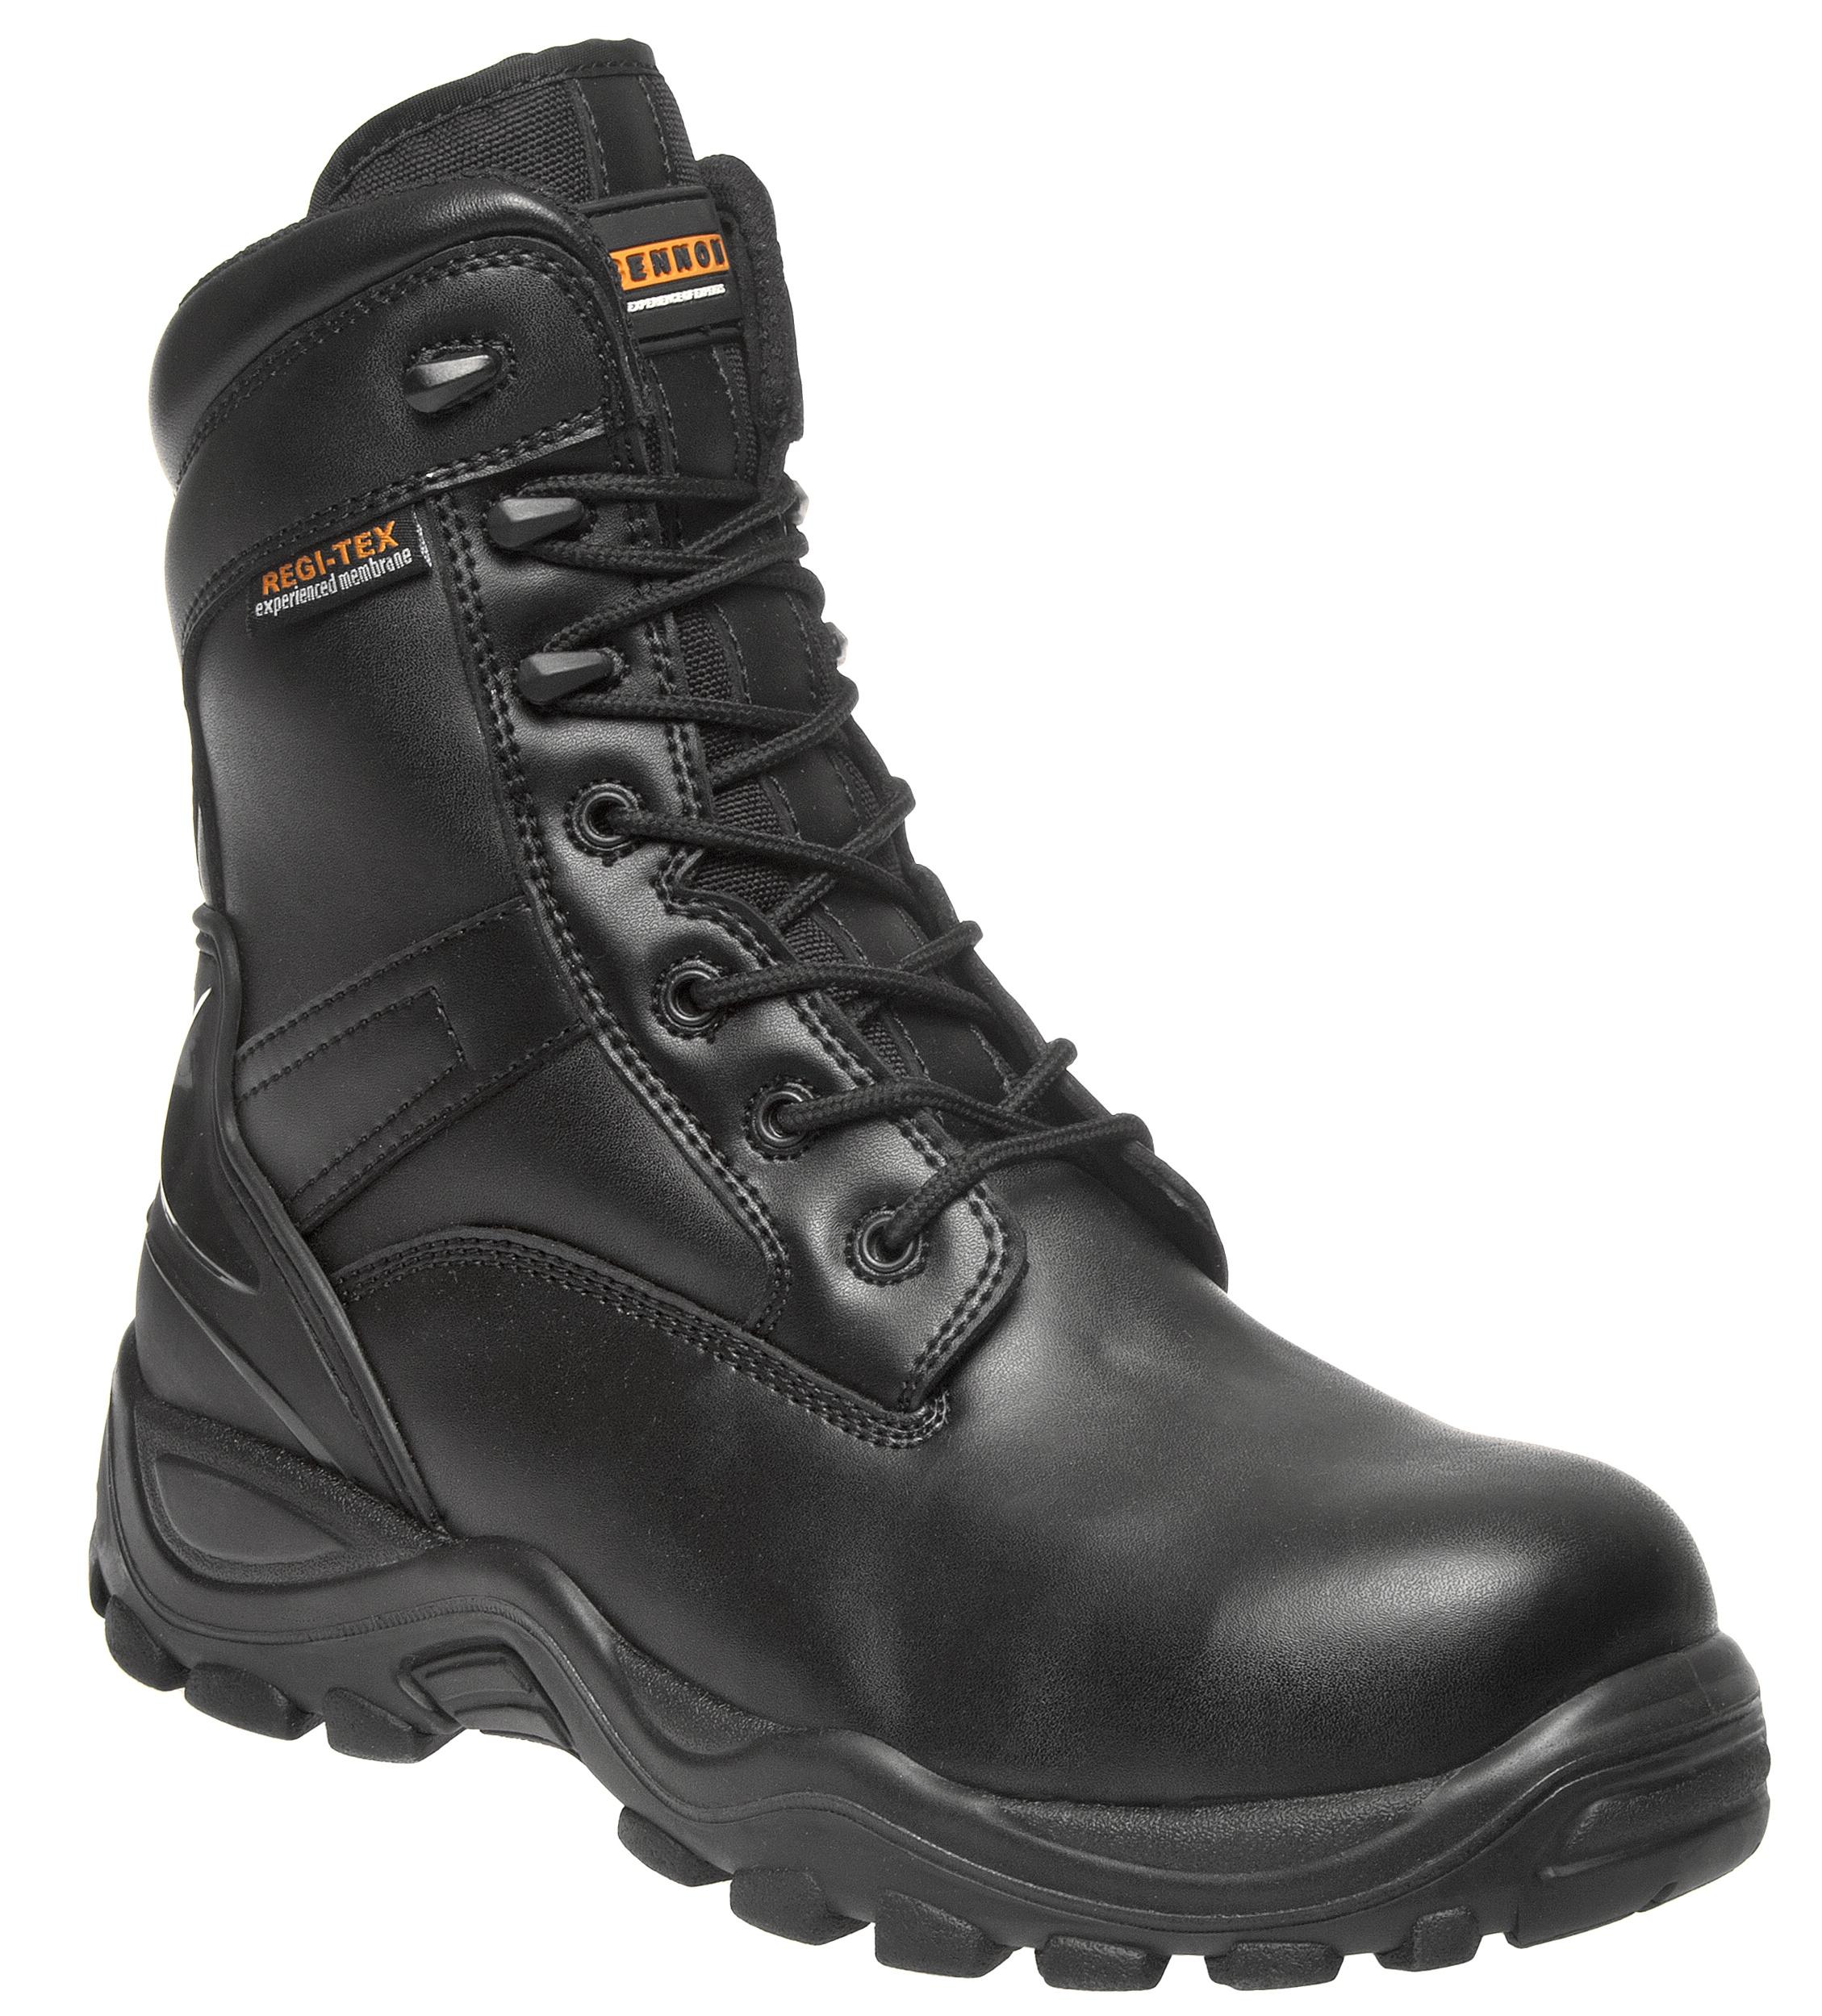 Profesionální obuv COMMODORE S3 Regitex - Kanady ... 8b33a84cb6